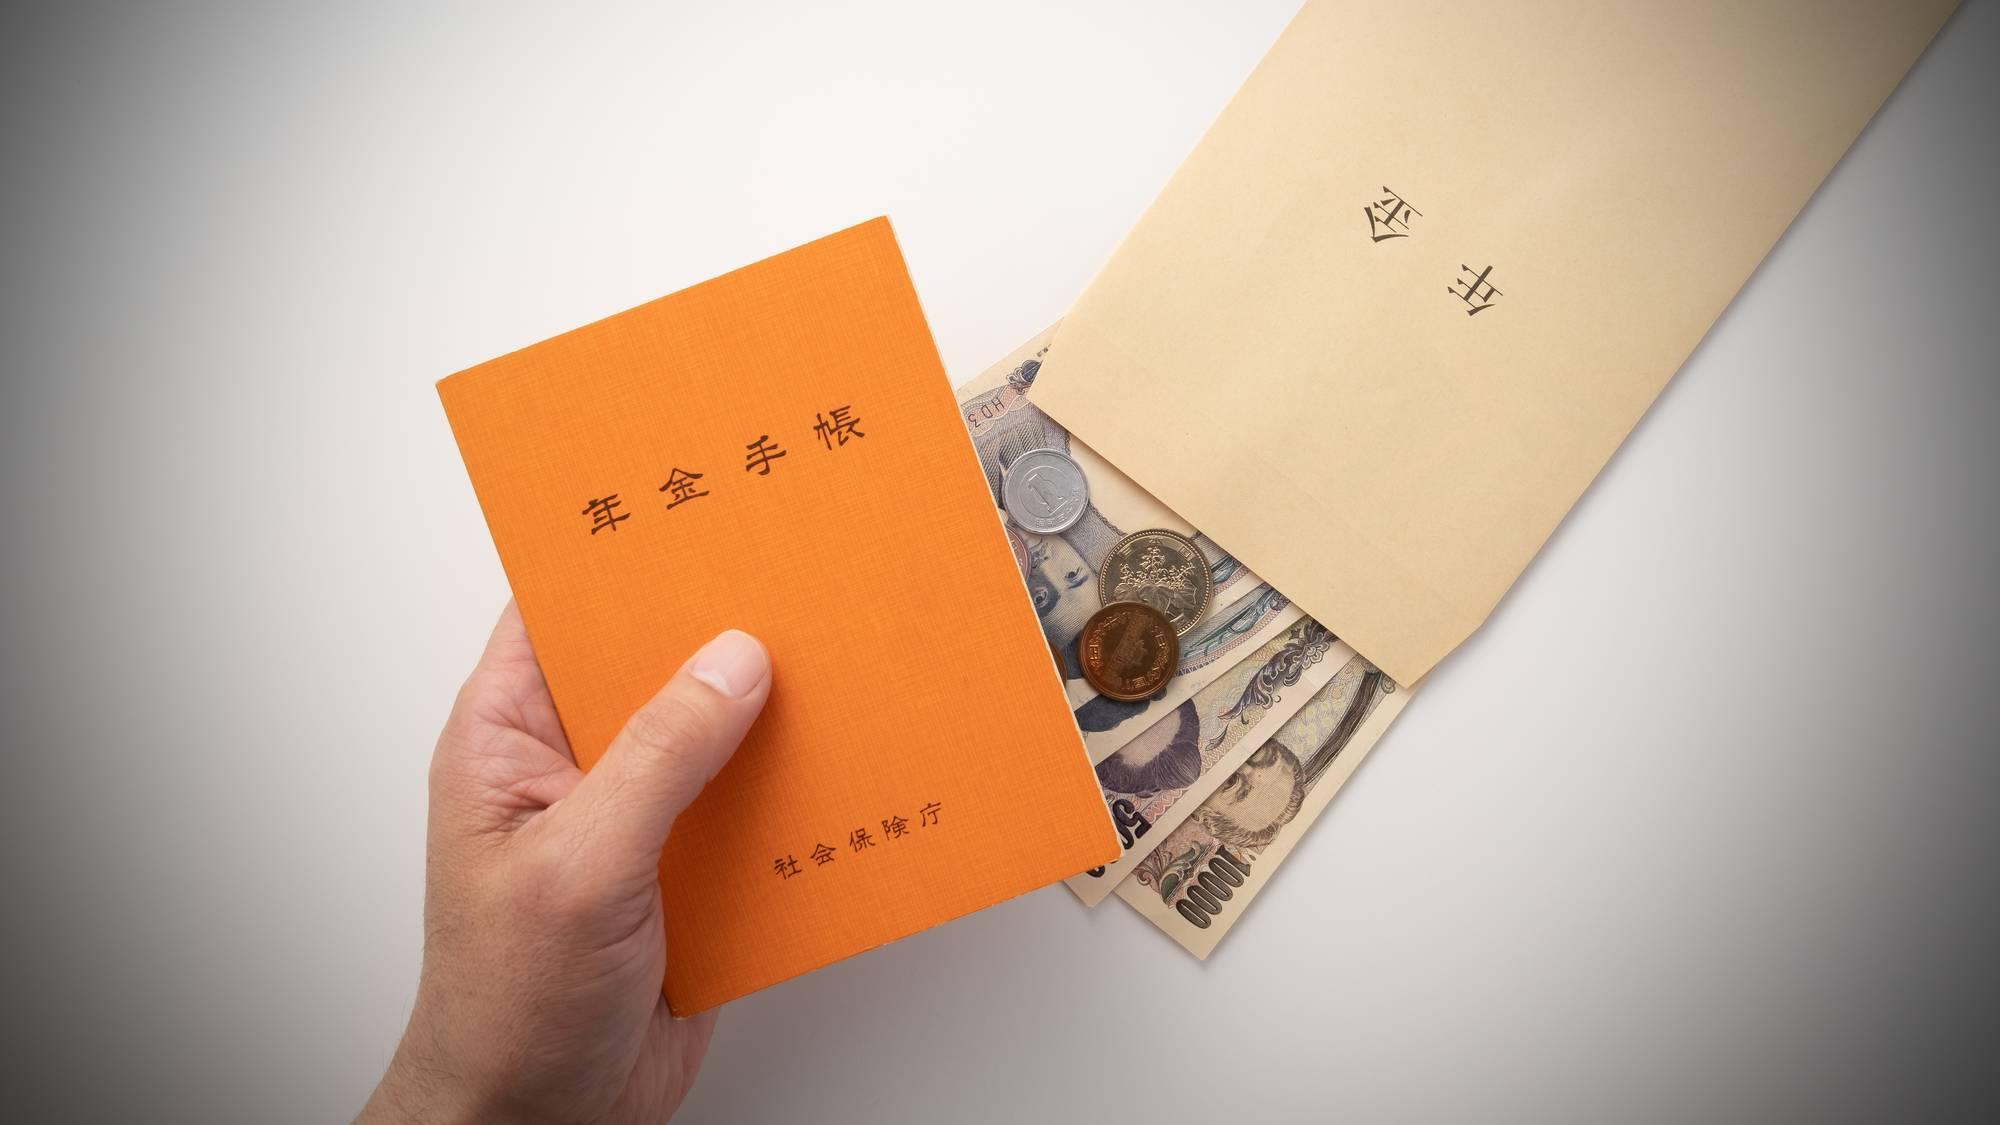 平均手取り「27万円」…老後もらえる「年金受給額」の残酷